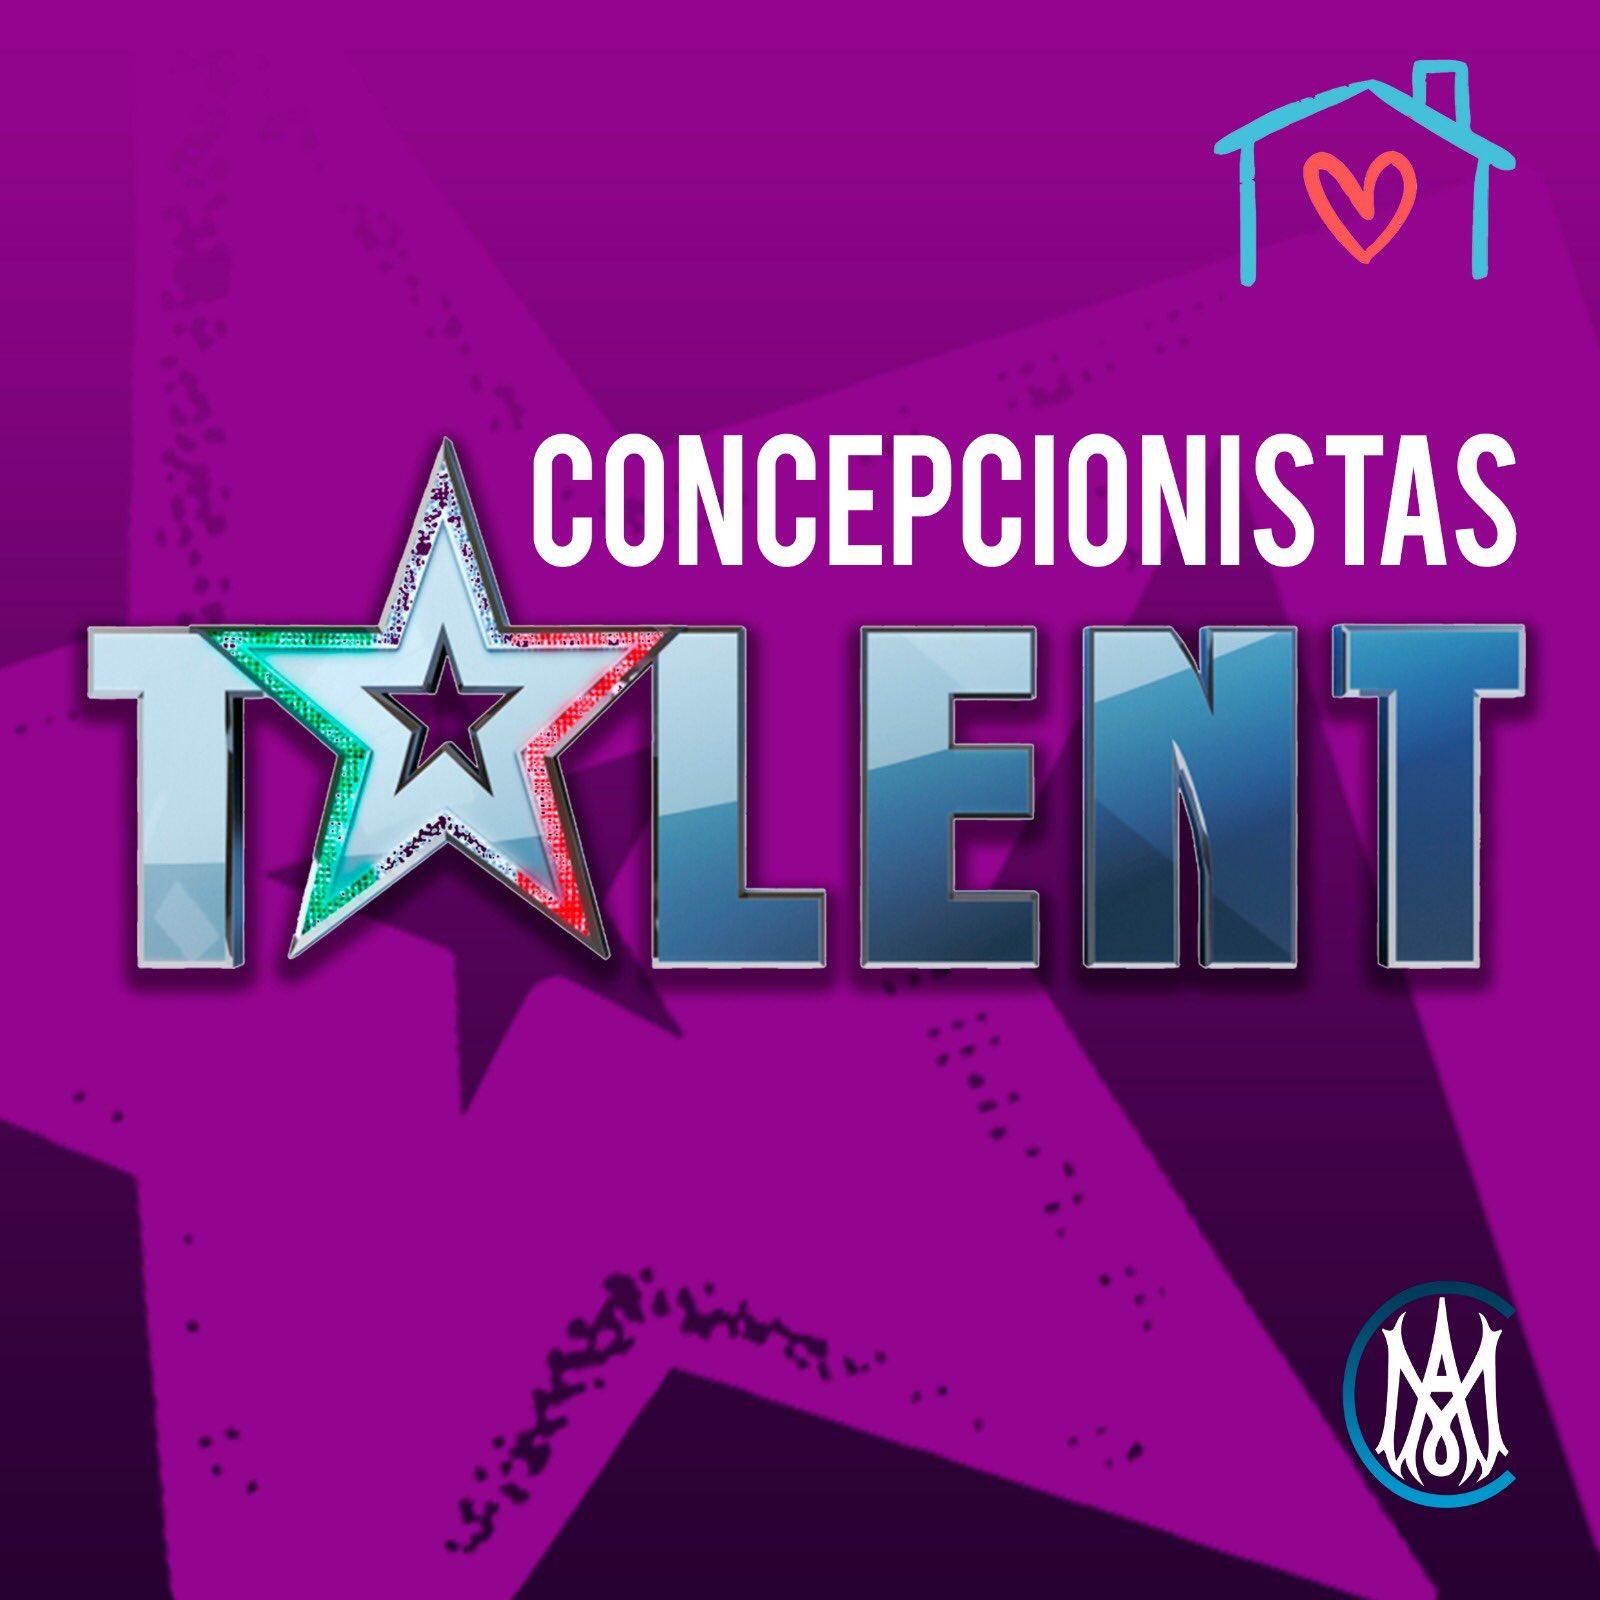 El Colegio de las Concepcionistas de Ponferrada convoca un concurso de talentos entre sus alumnos 1